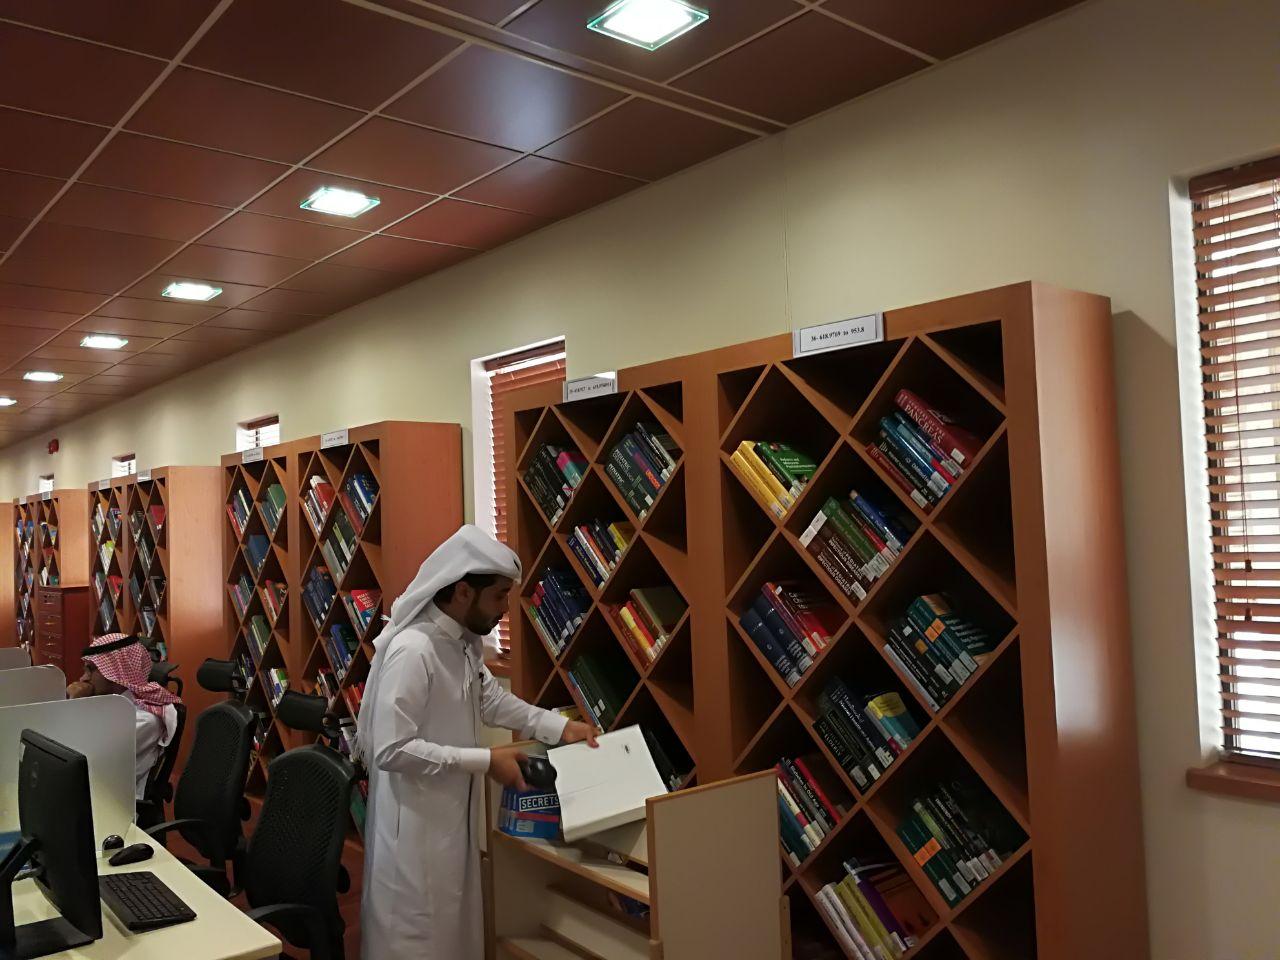 مشروع الجرد في مكتبة كلية الطب بمستشفى الملك خالد الجامعي